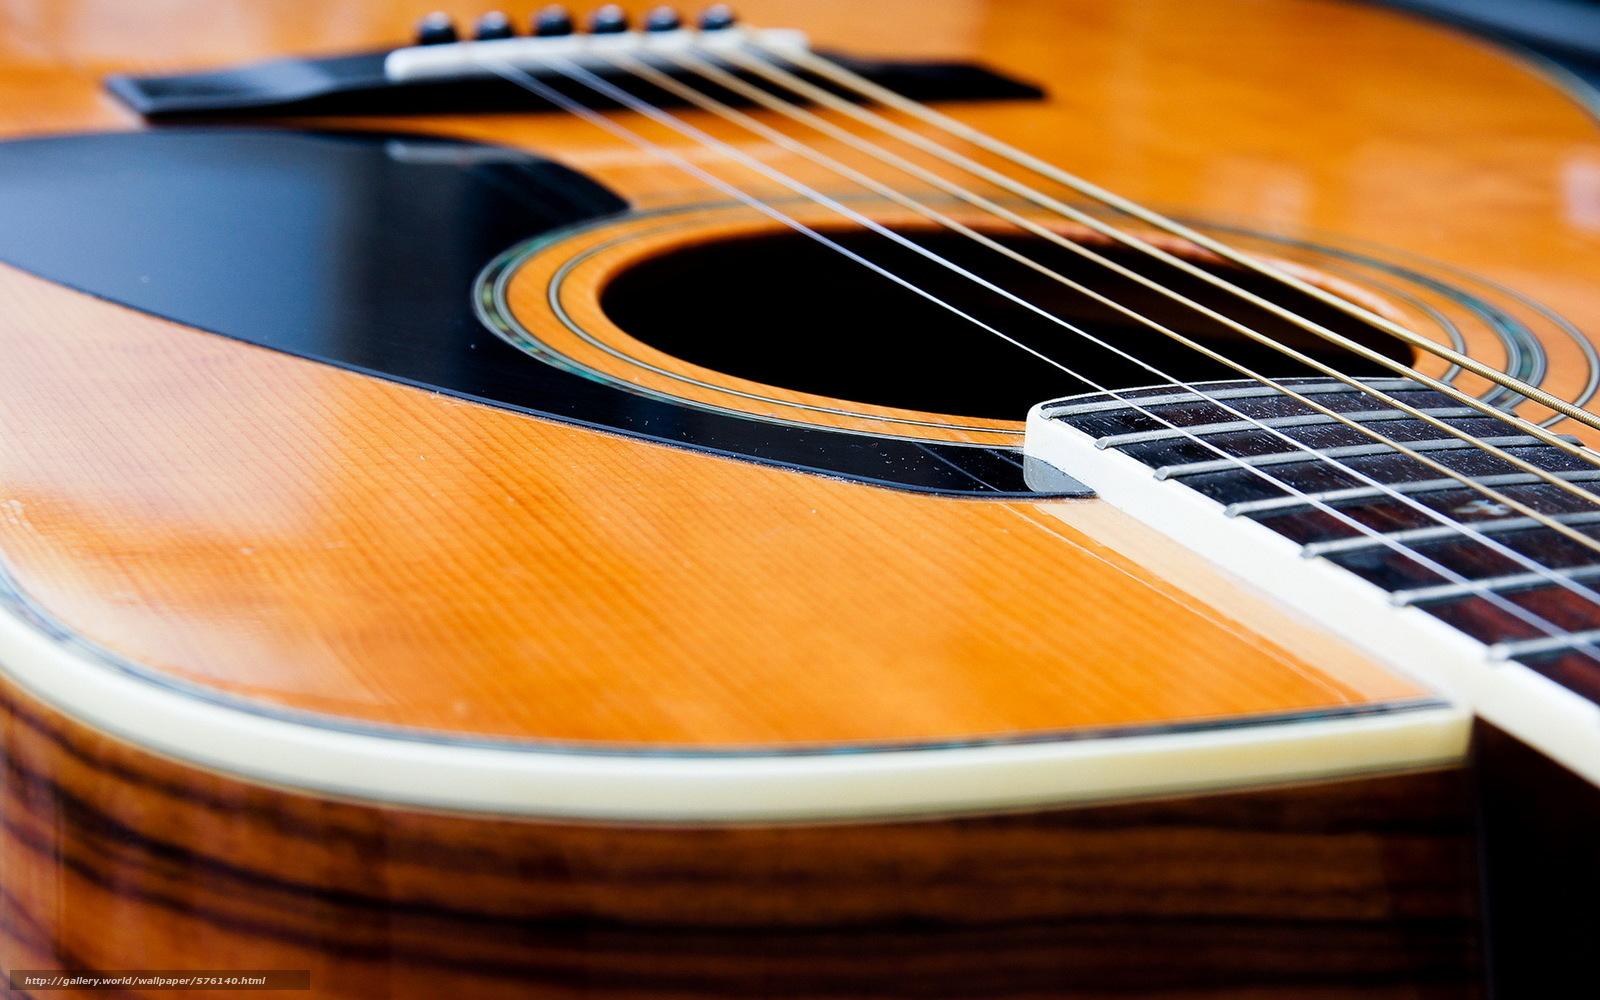 Tlcharger Fond d'ecran guitare, Musique, Macro Fonds d'ecran gratuits pour votre rsolution du ...